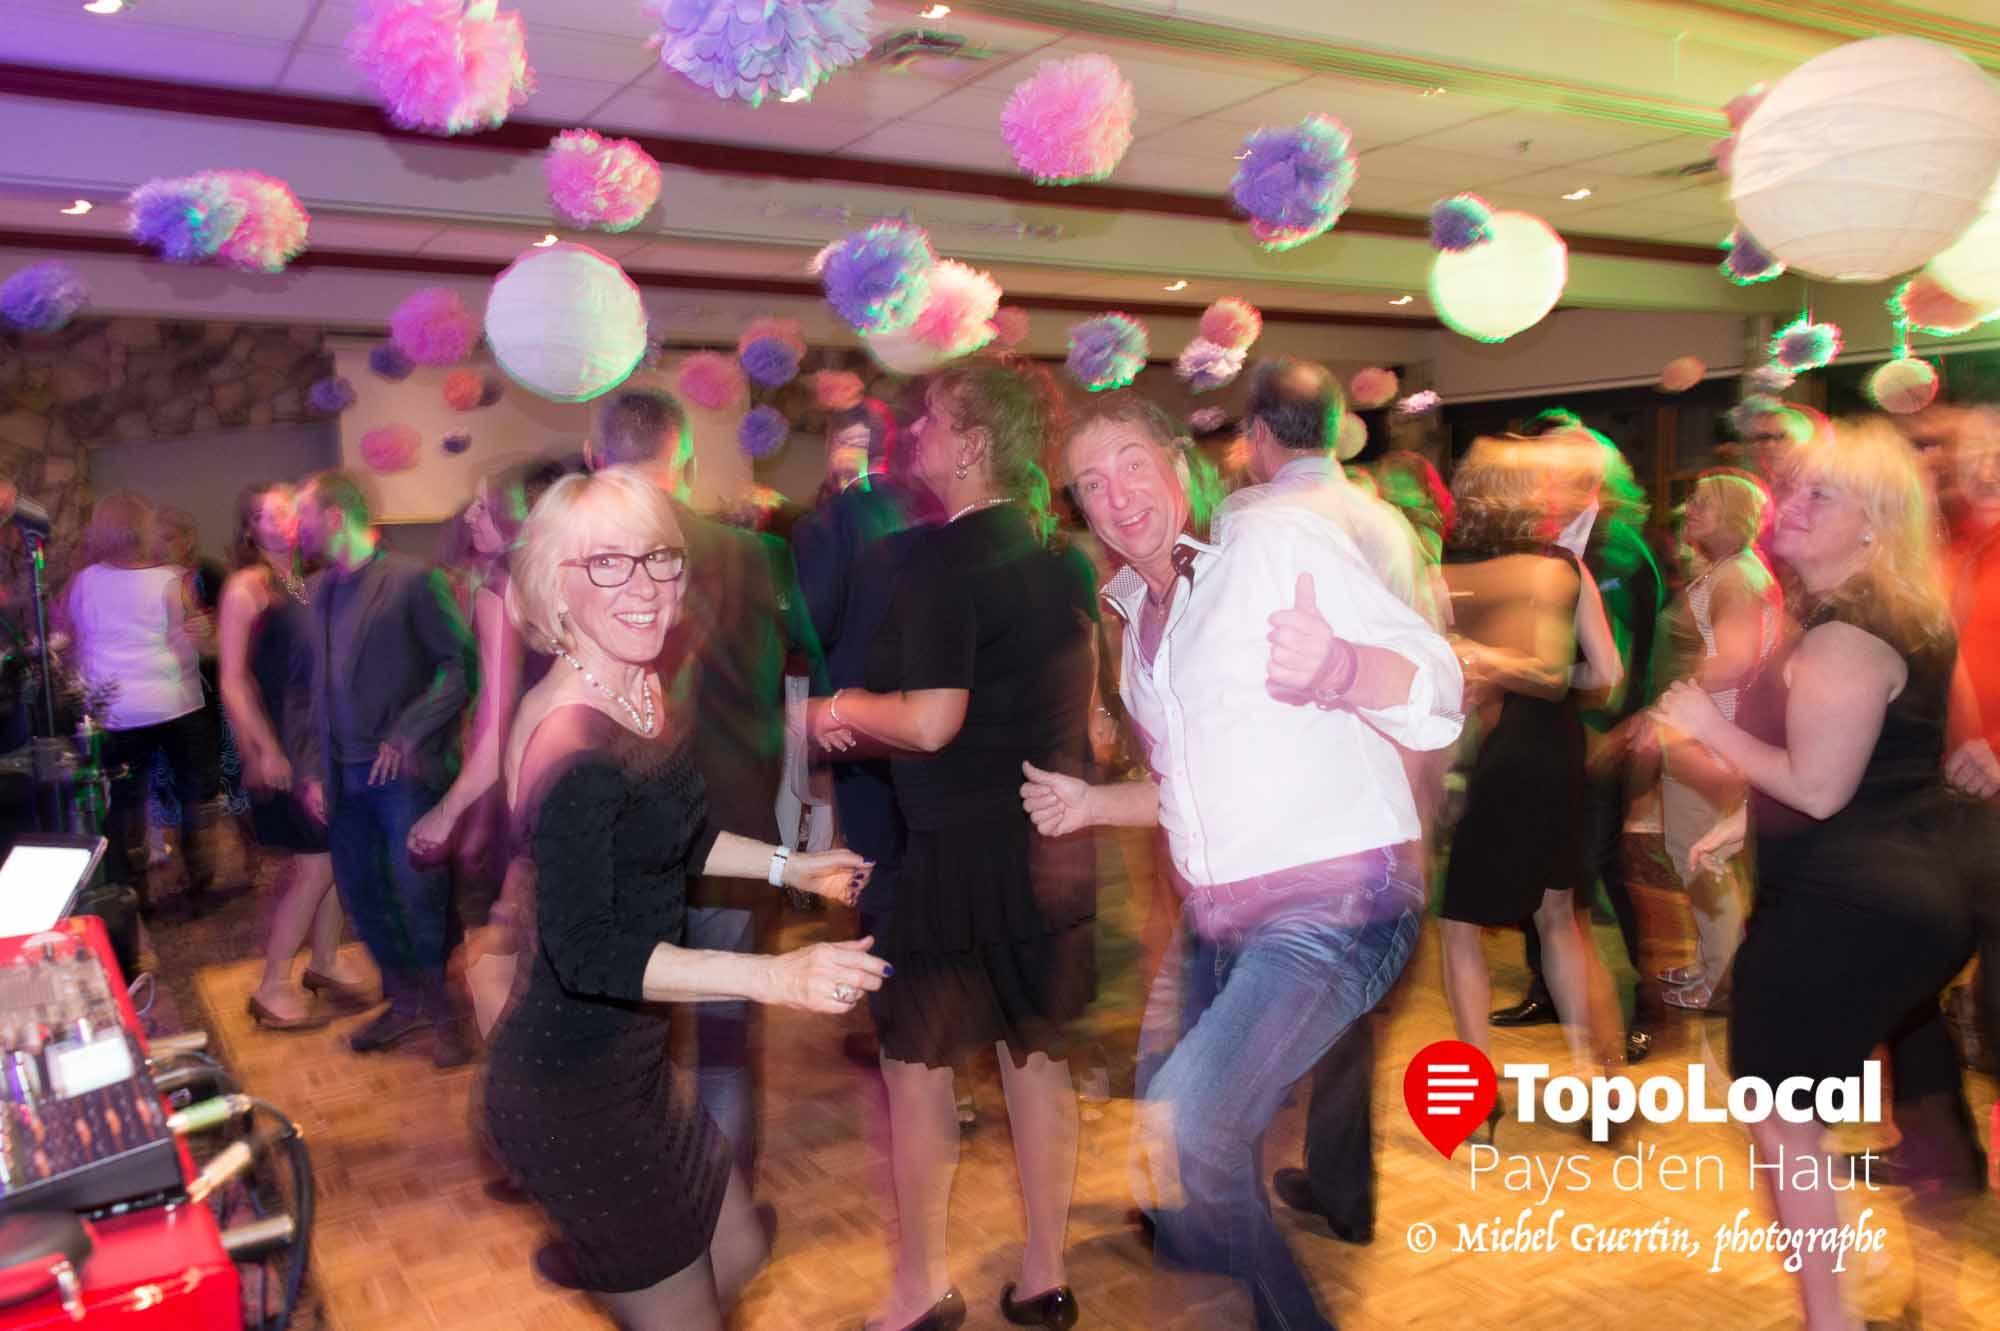 Aussitôt le repas terminé, les gens ont envahi le plancher de danse jusqu'à assez tard dans la veillée.